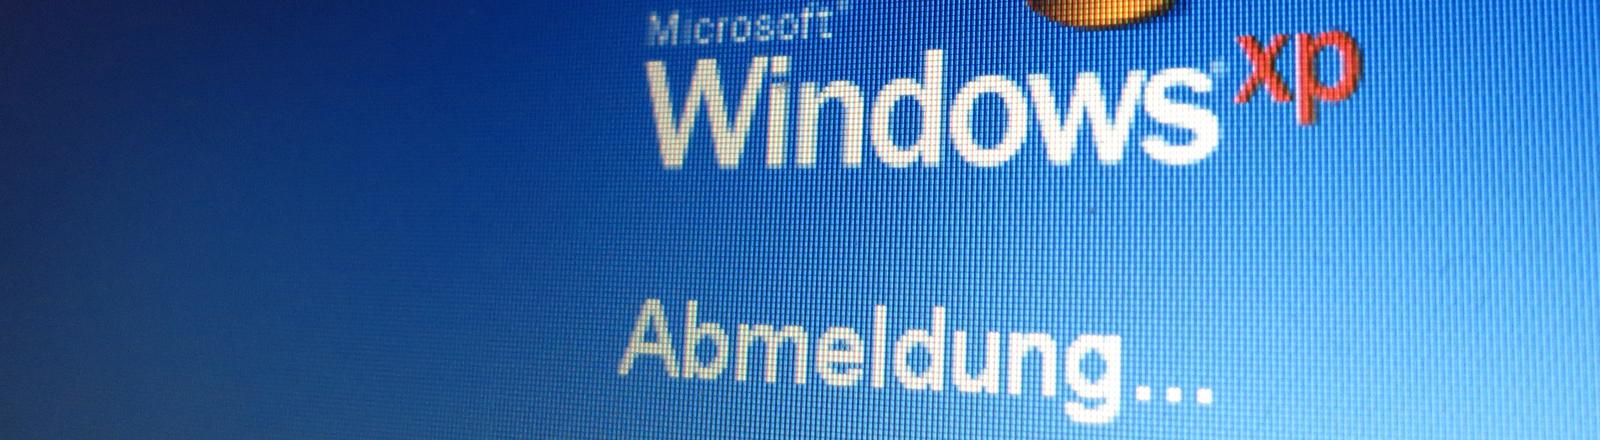 """Das Logo des Windows-Betriebssystems und der Schriftzug """"Abmeldung"""" ist am 30.03.2014 in Kassel auf dem Monitor eines Laptops zu sehen."""